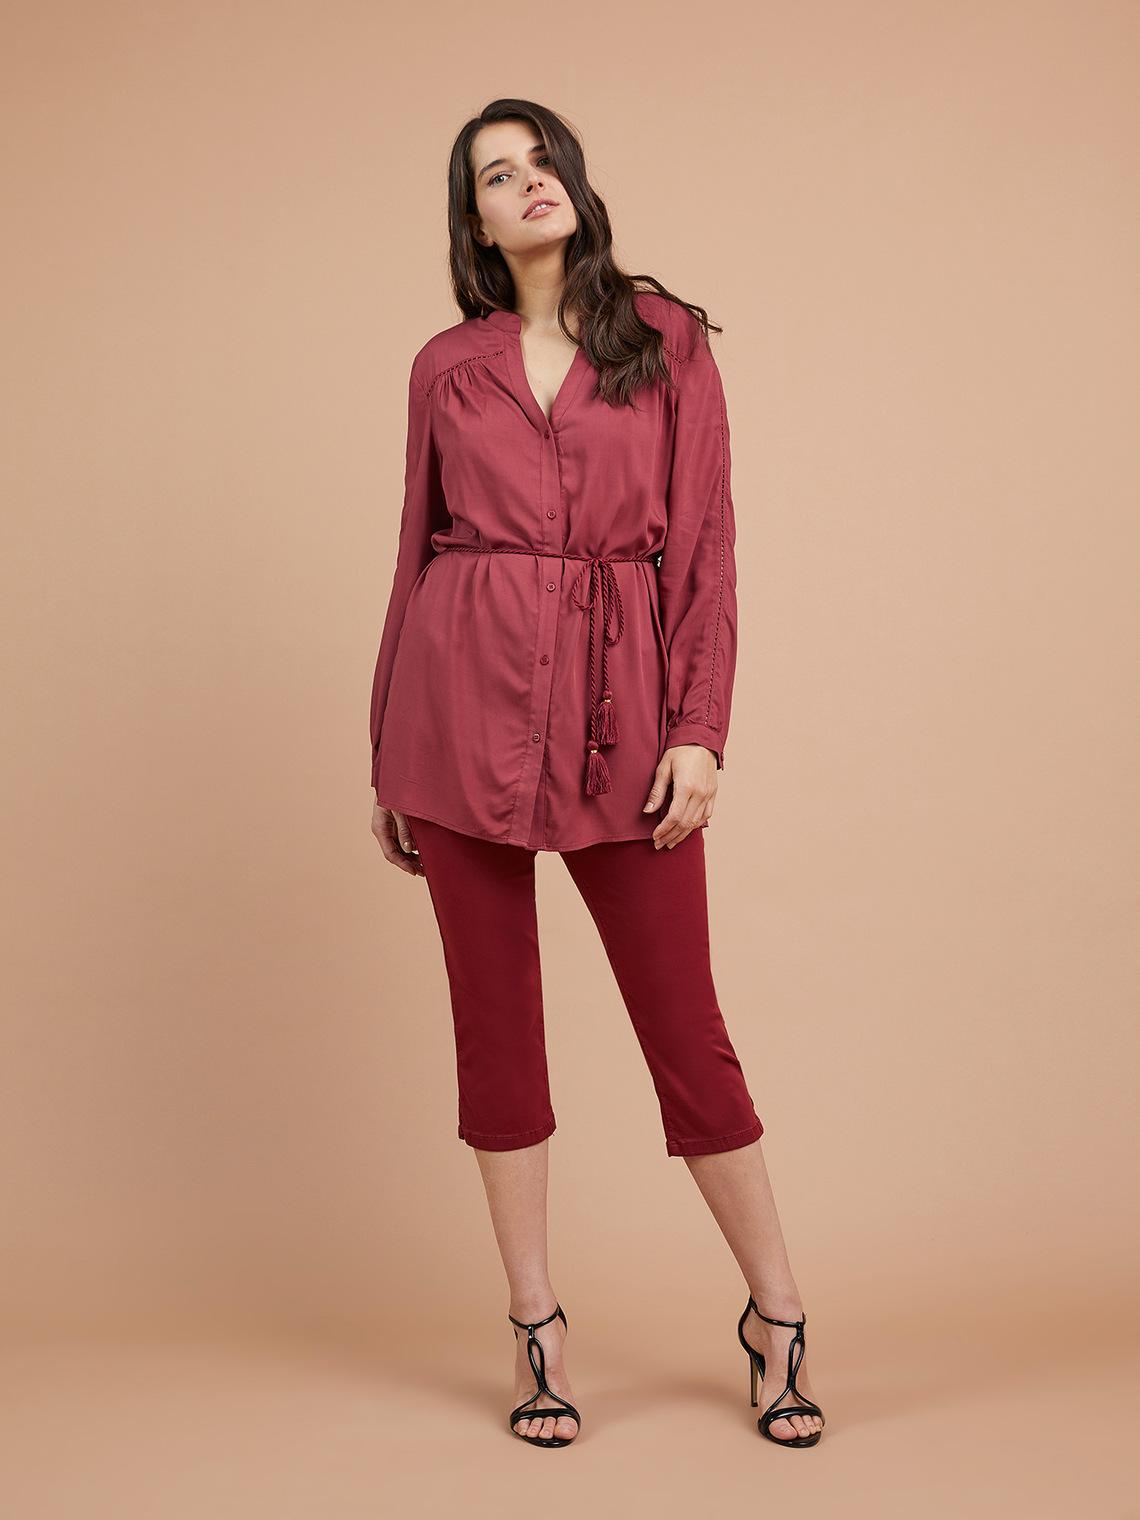 nuovo di zecca 179bb 0faca Pantaloni capri in denim color - Fiorella Rubino - FR